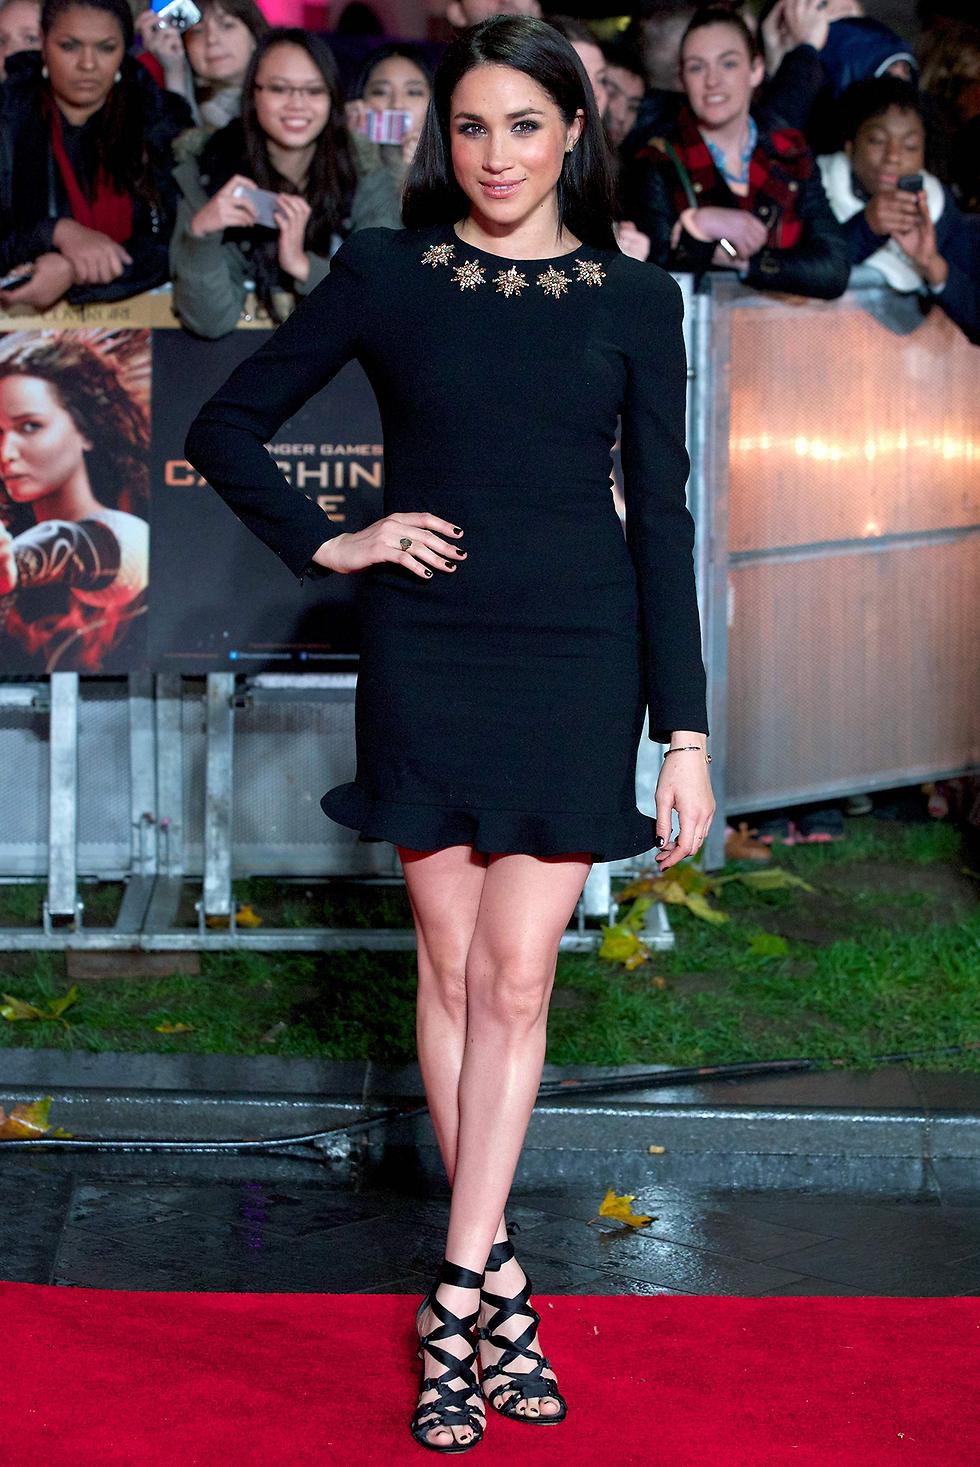 התפרסמה בעיקר בתפקיד שגילמה בסדרה האמריקנית Suits. מייגן מרקל (צילום: AFP) (צילום: AFP)